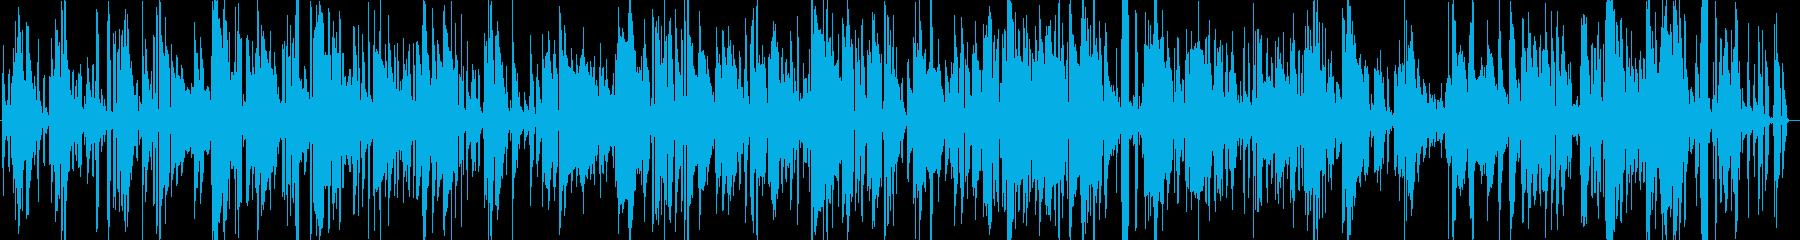 明るい心地よい疾走感のトランペットジャズの再生済みの波形